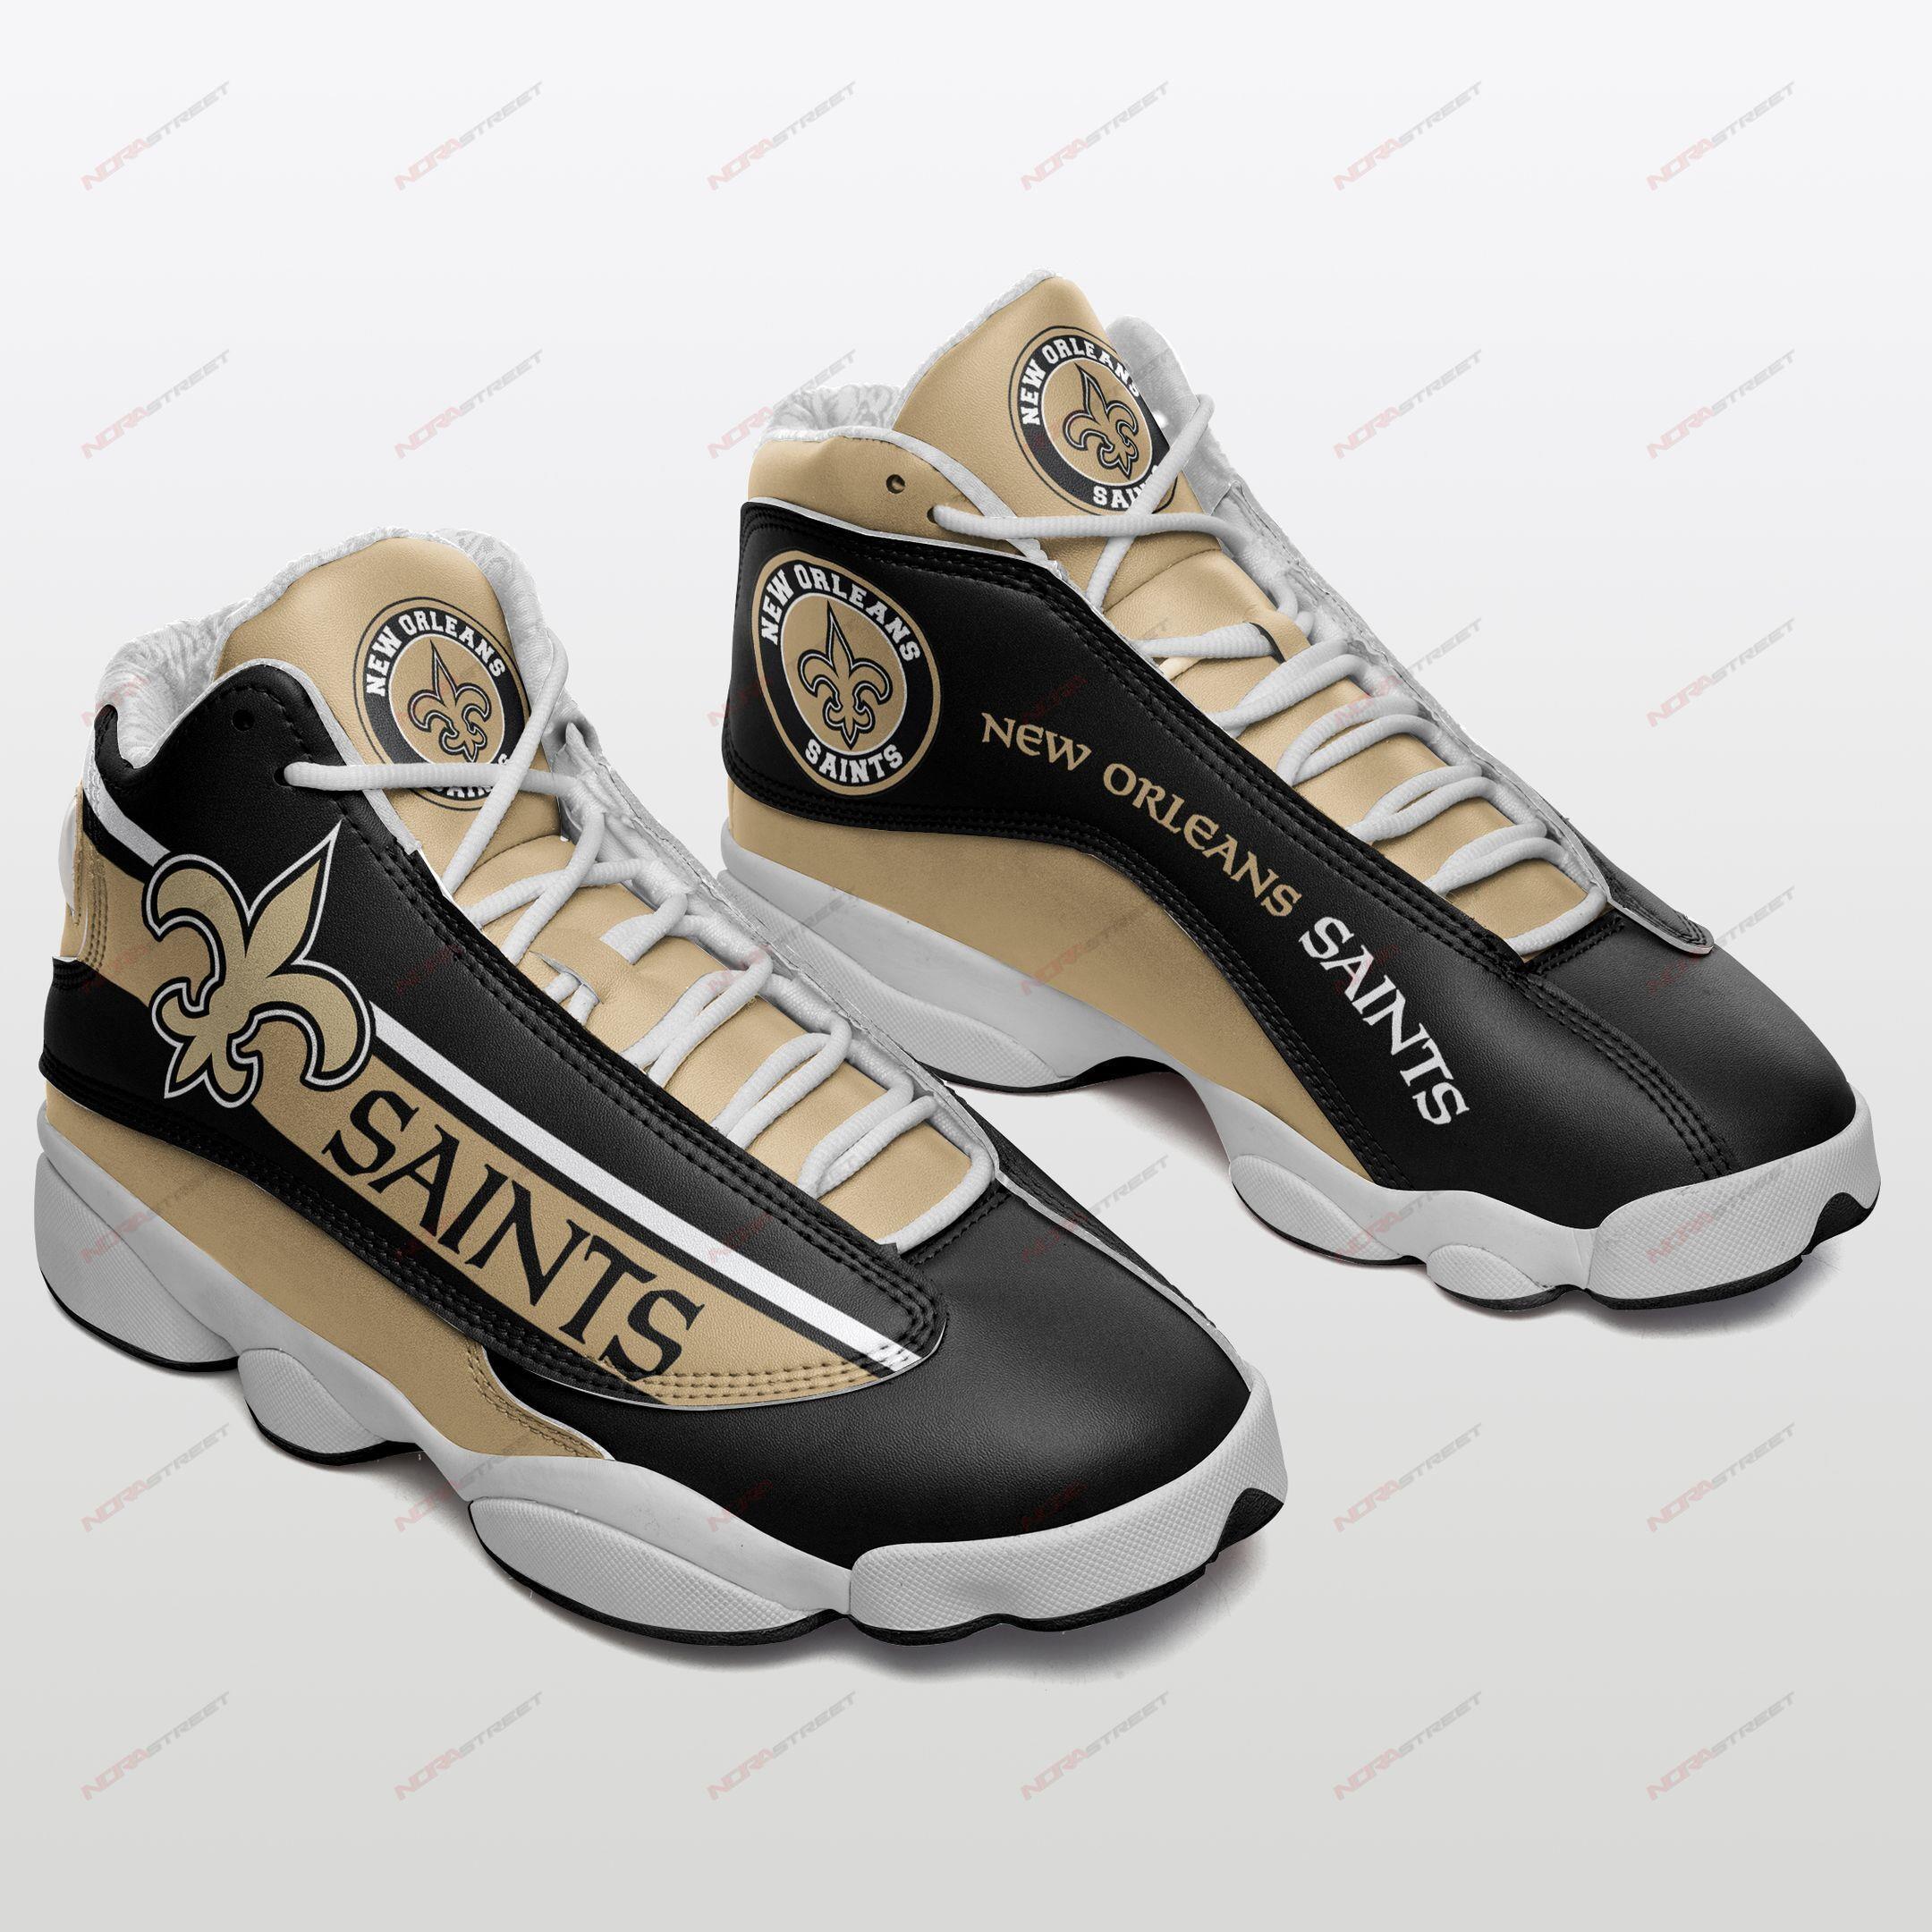 New Orleans Saints Air Jordan 13 Sneakers Sport Shoes Plus Size